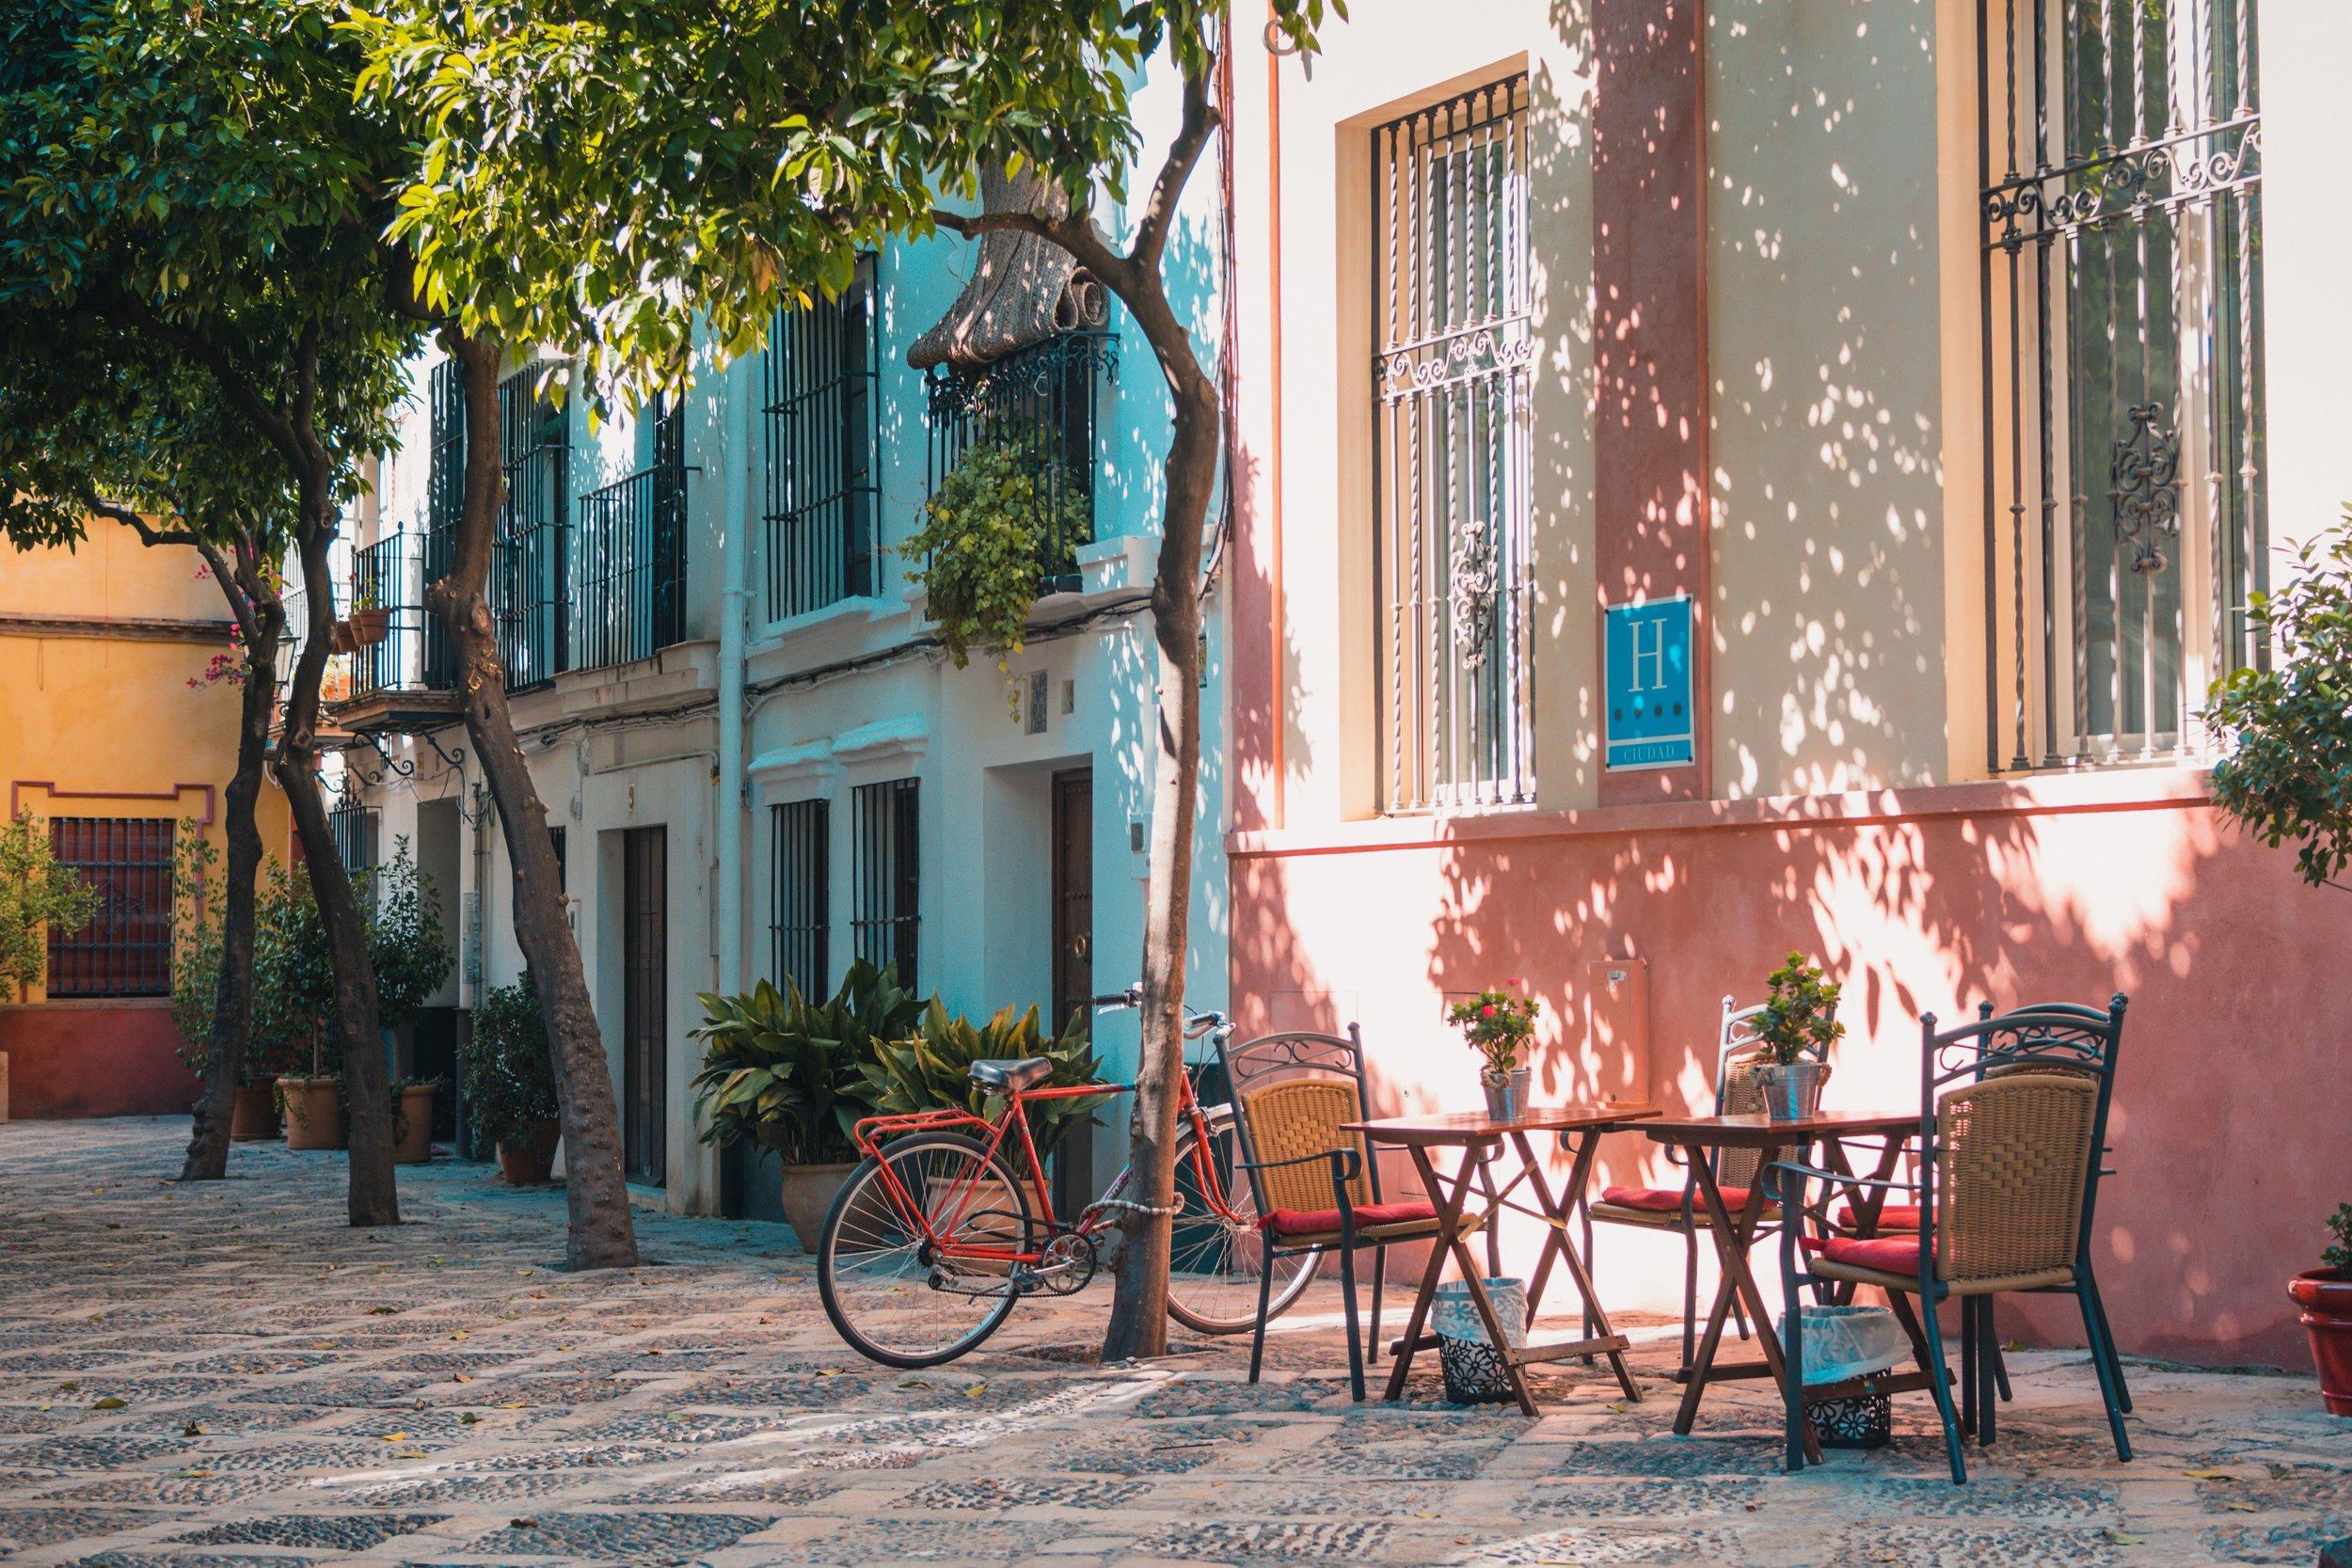 Seville.jpg